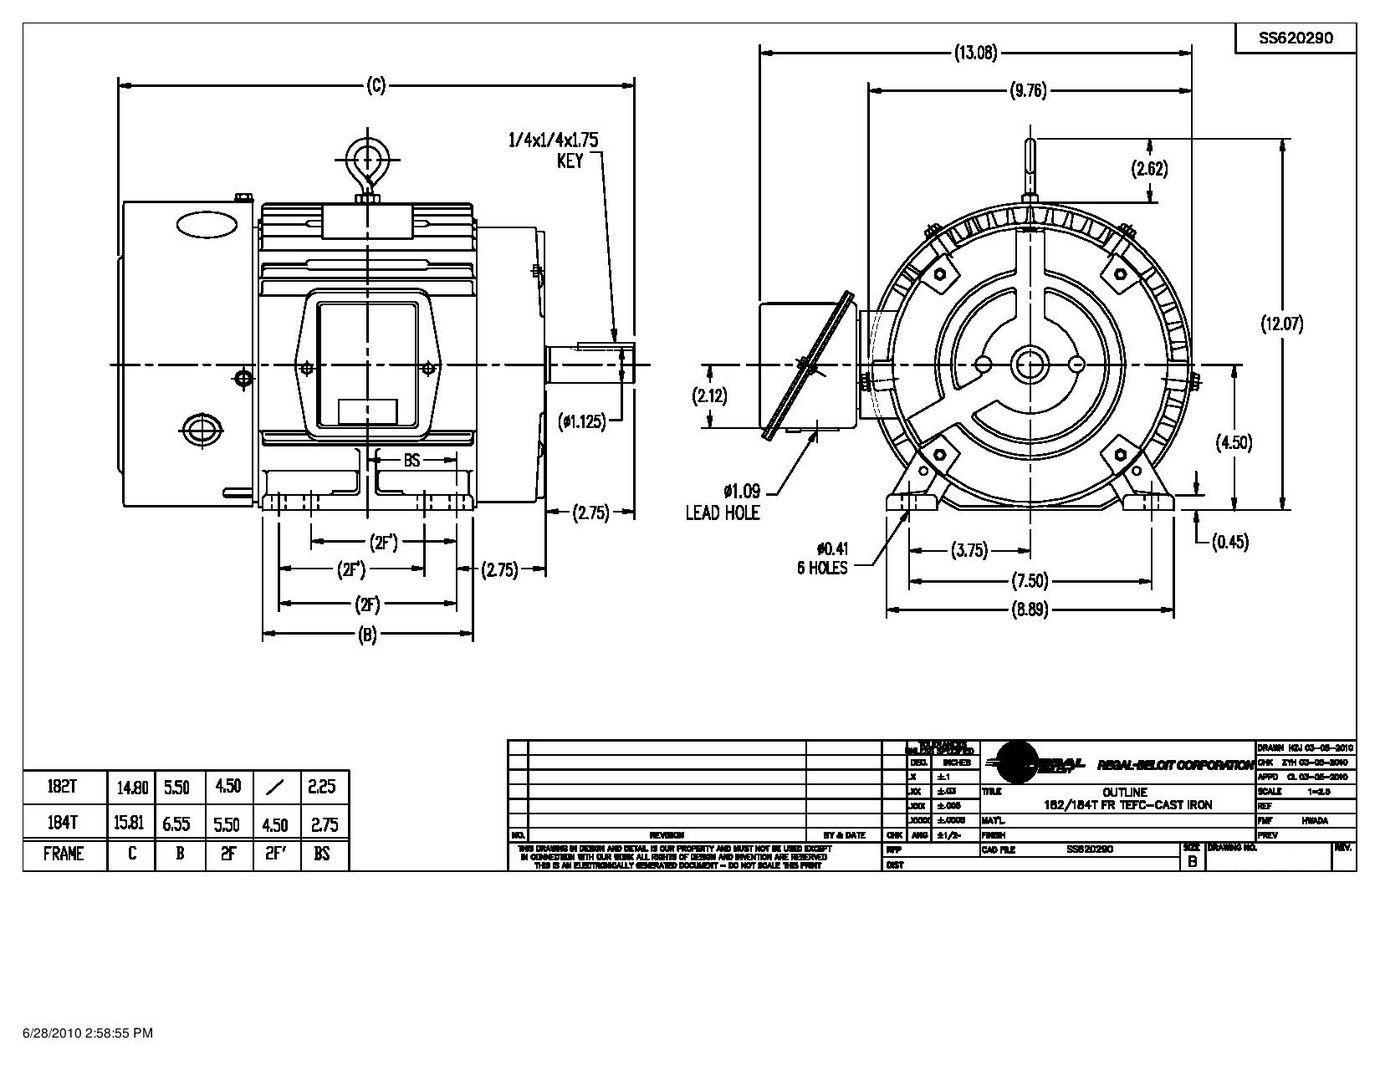 T46030, AO Smith, 5HP, 208-230/460V, 3 Phase Motor